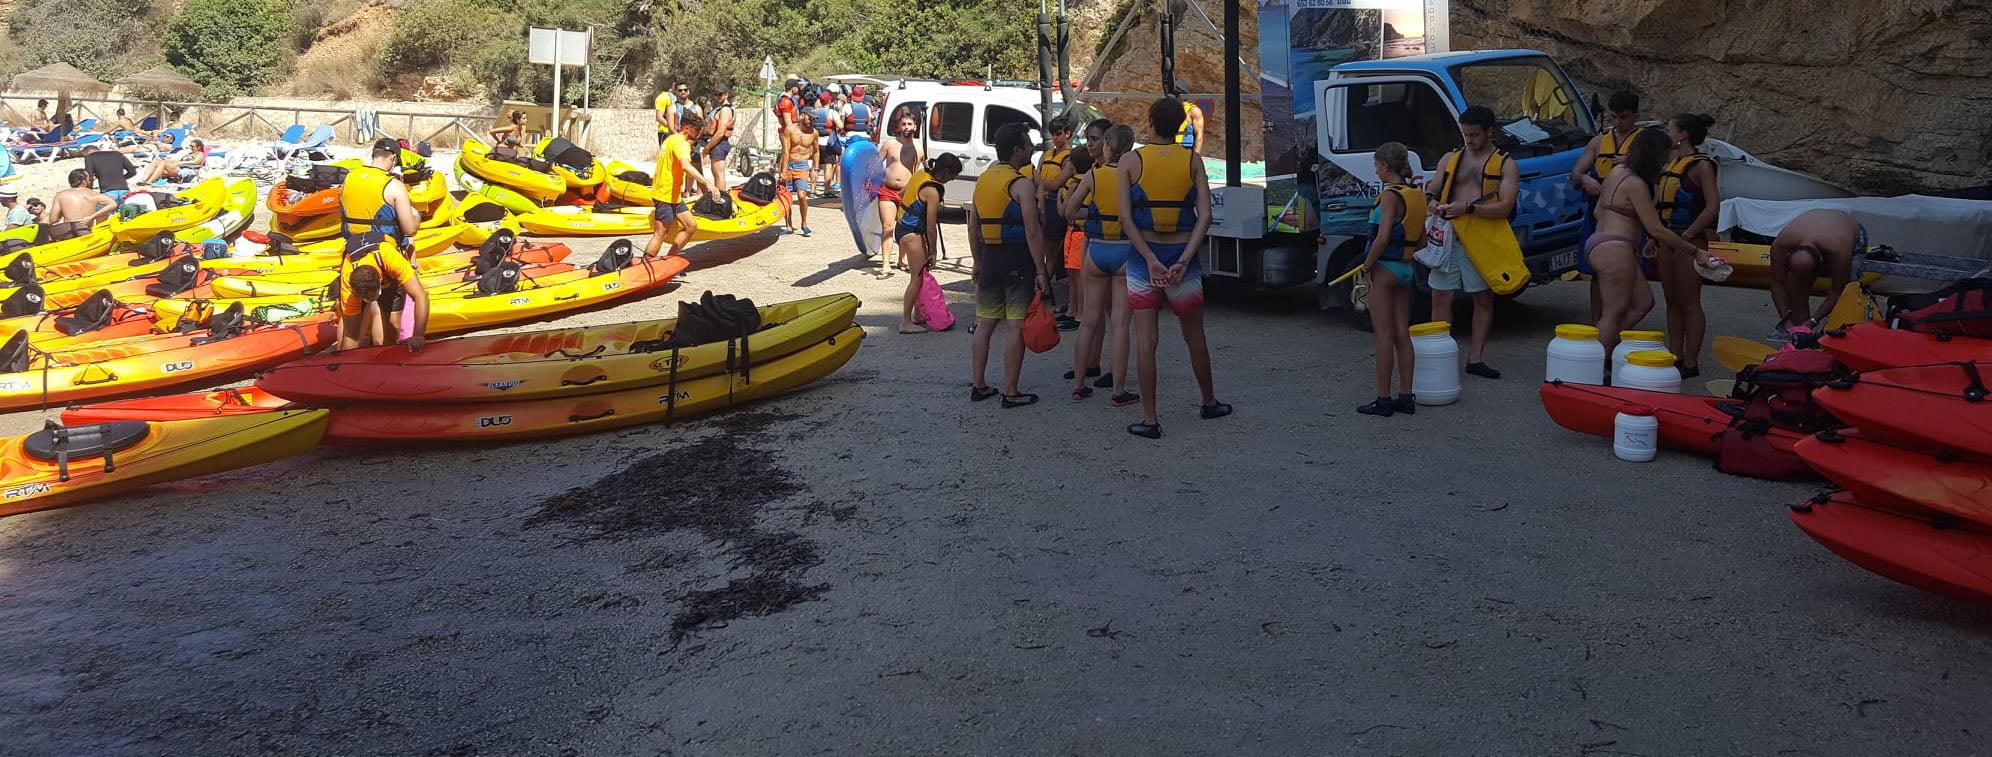 Varadero de la Granadella repleto de Kayaks